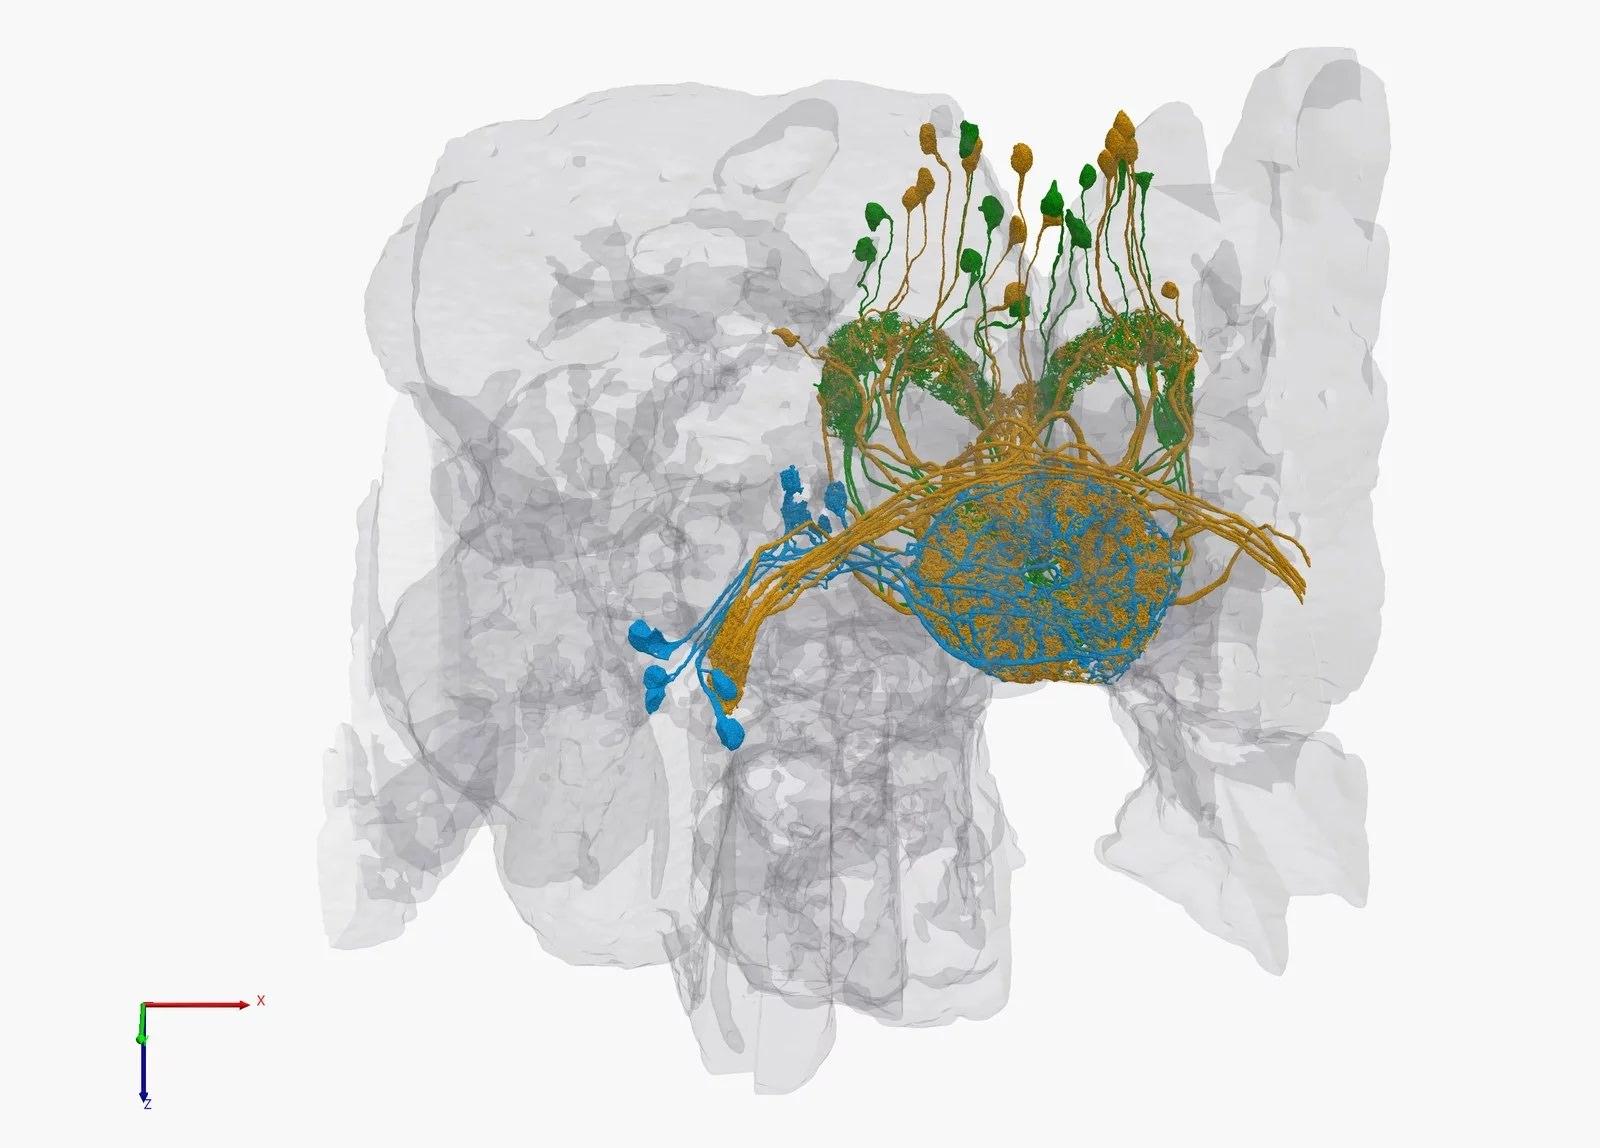 25 bin nöron, 20 milyon bağlantı